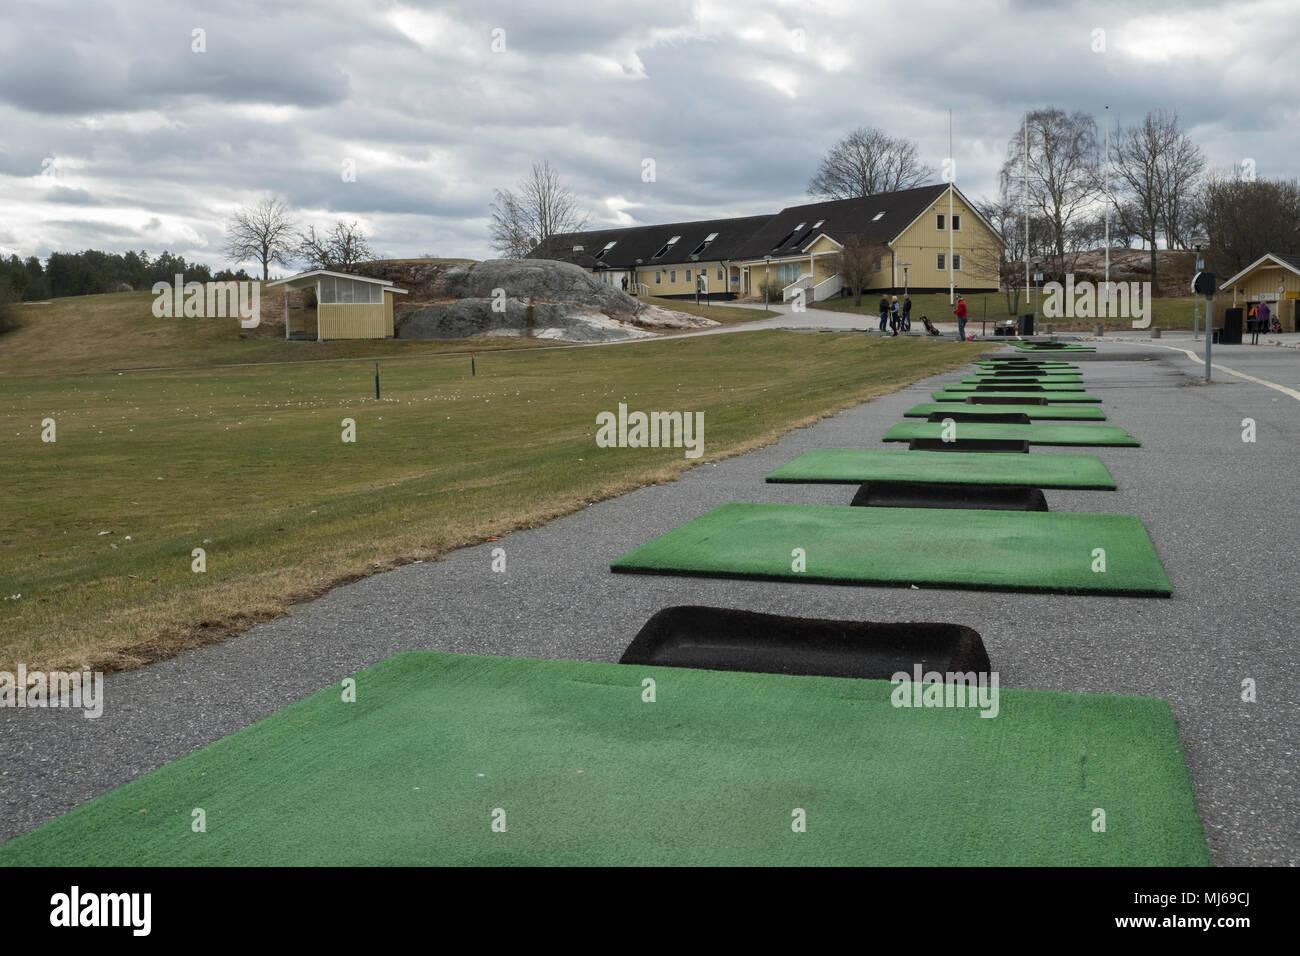 Driving range at Sollentuna Golf Club, Sollentuna, Sweden. - Stock Image